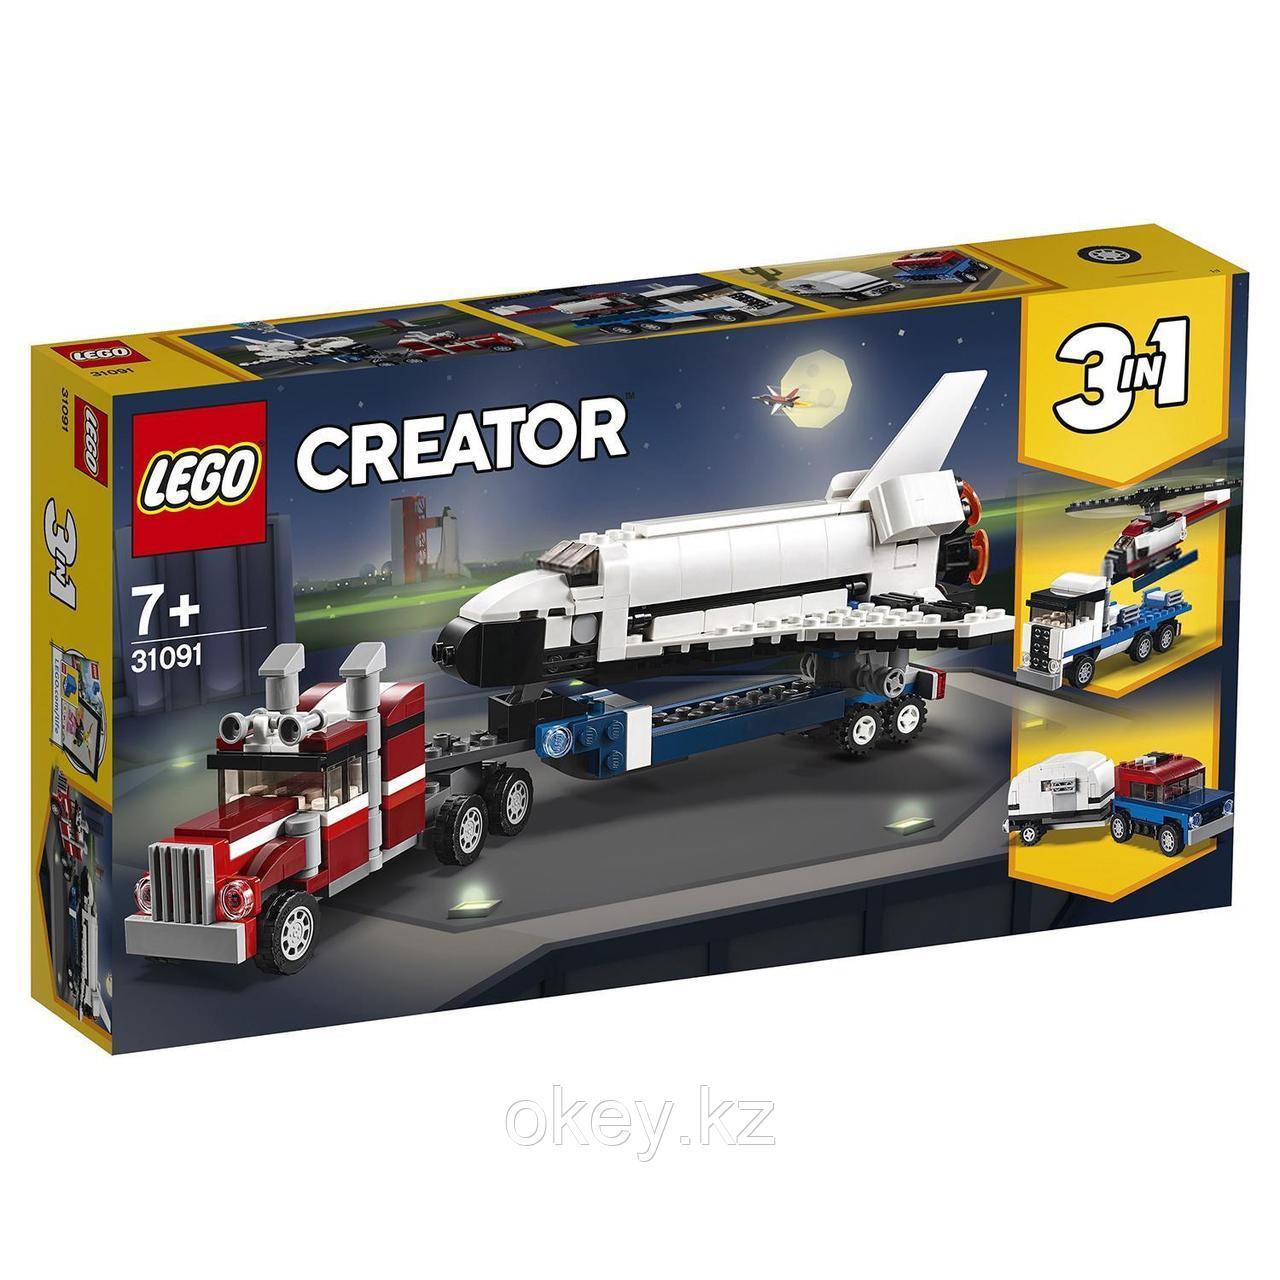 LEGO Creator: Транспортировщик шаттлов 31091